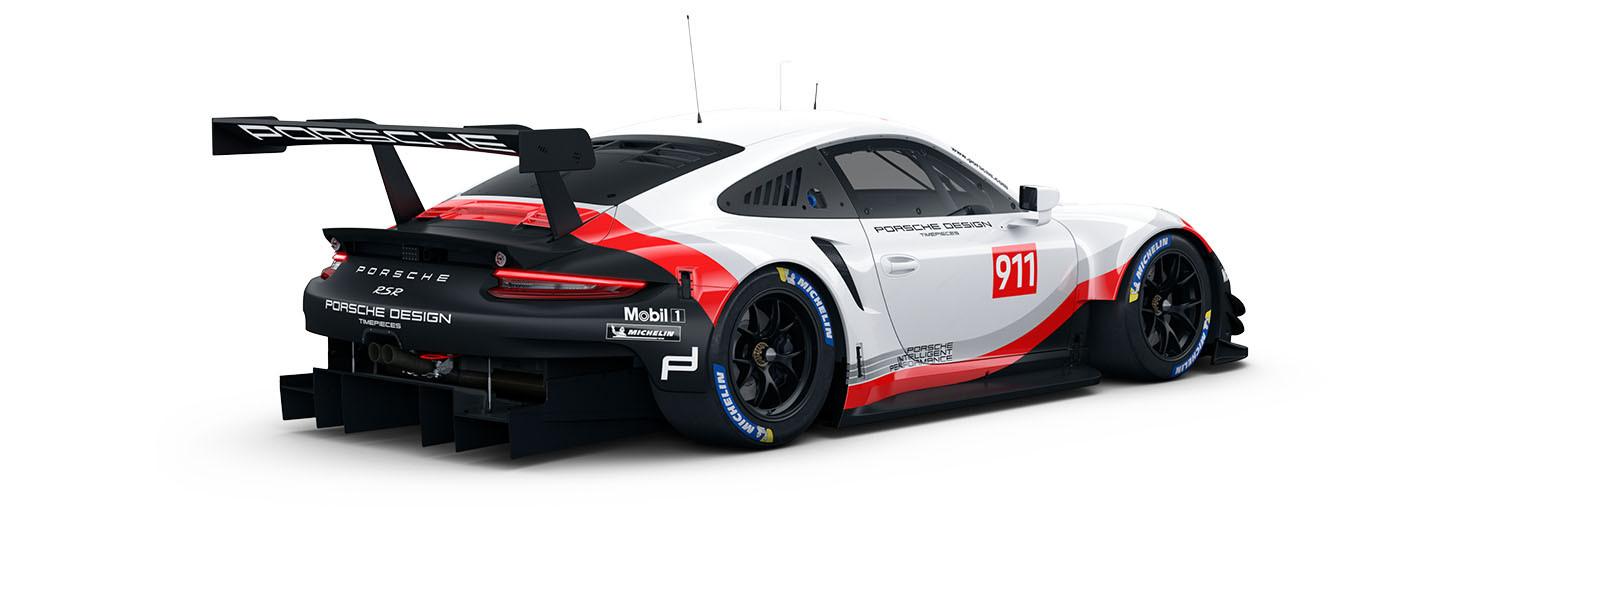 Porsche 911 RSR Porsche Great Britain